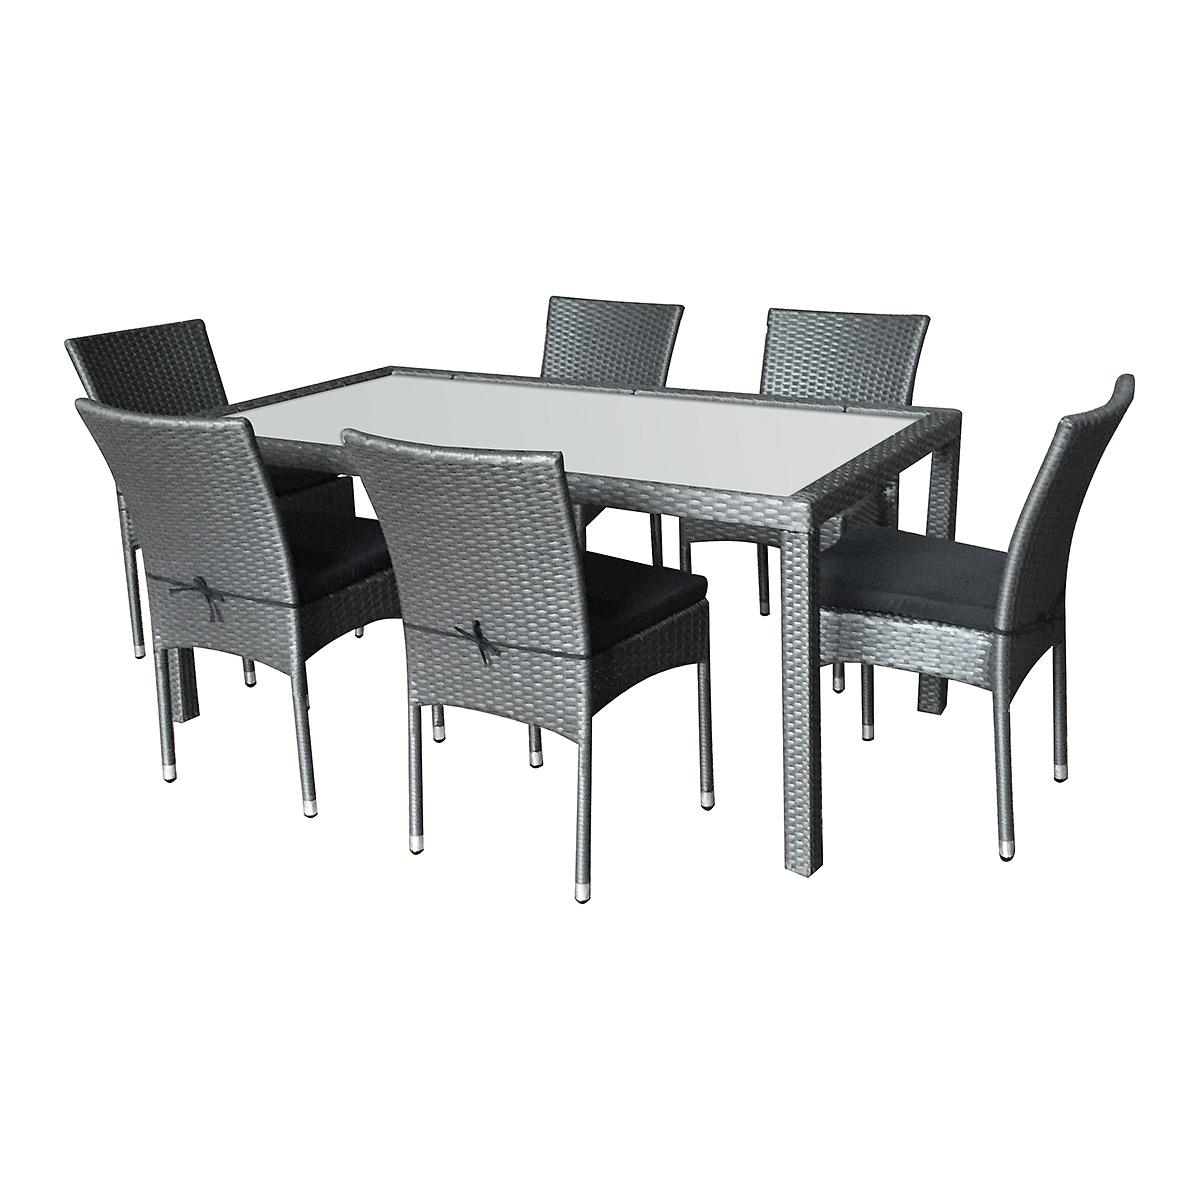 Salon de jardin doha en résine tressée 6 chaises + coussins noir